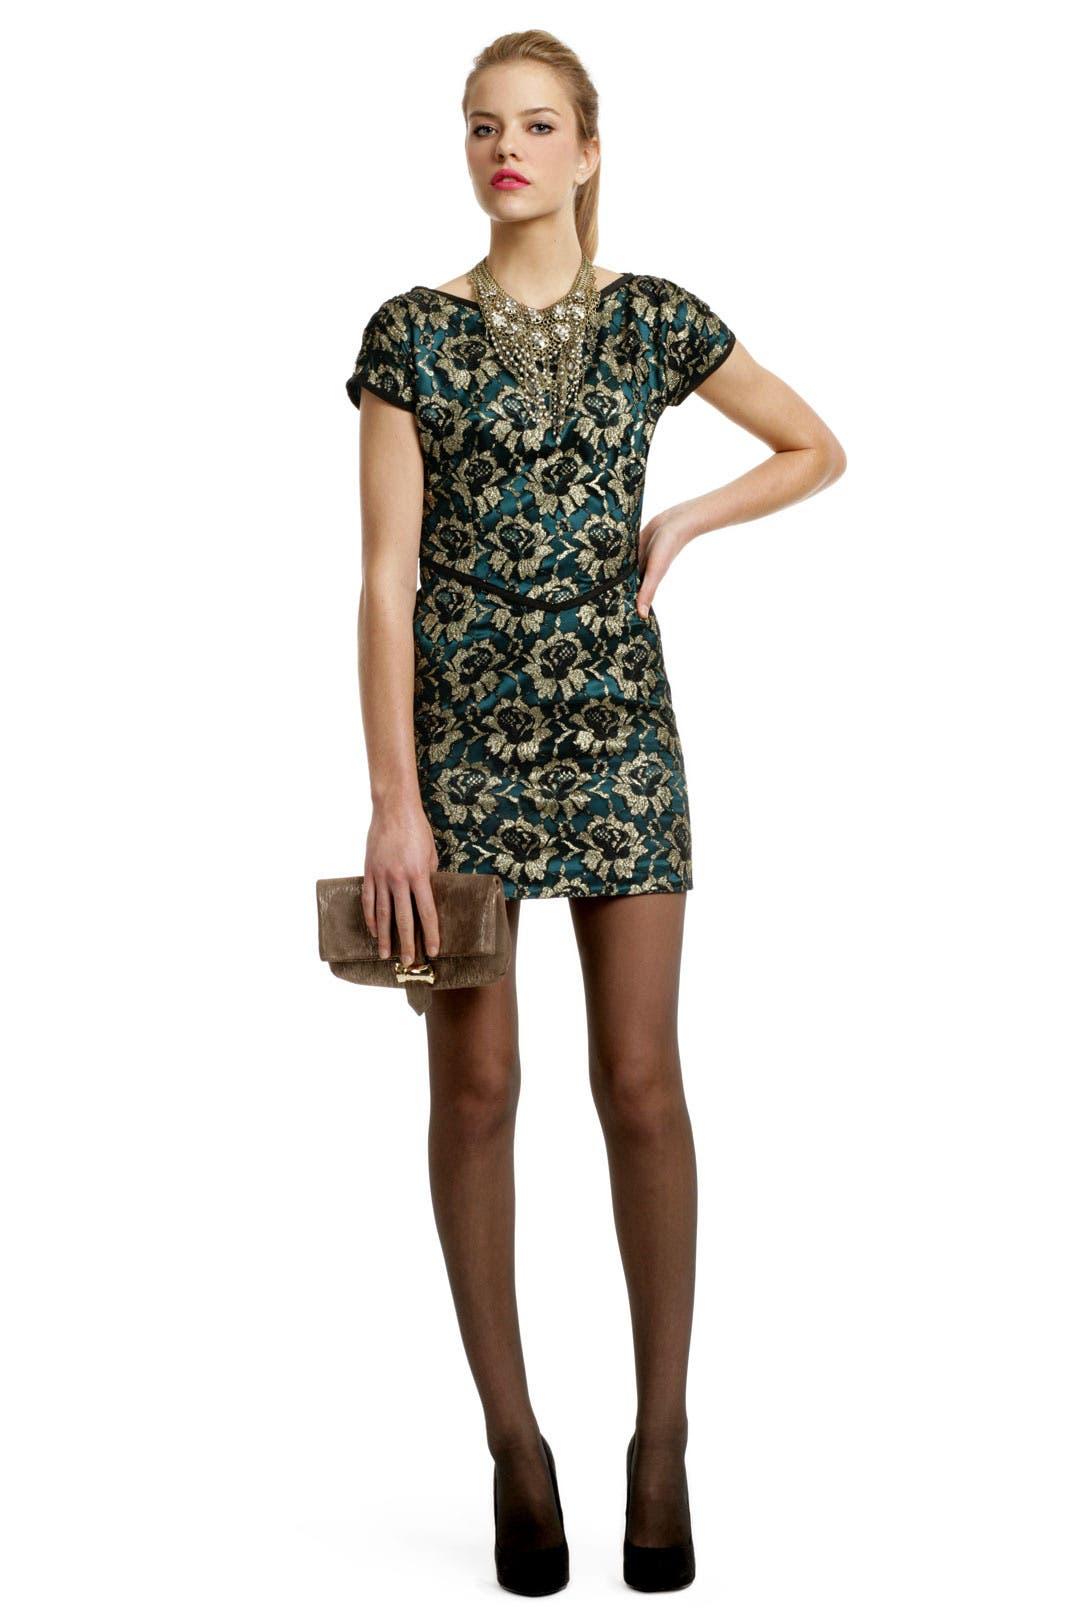 Golden Leaf Teacup Dress by Radenroro